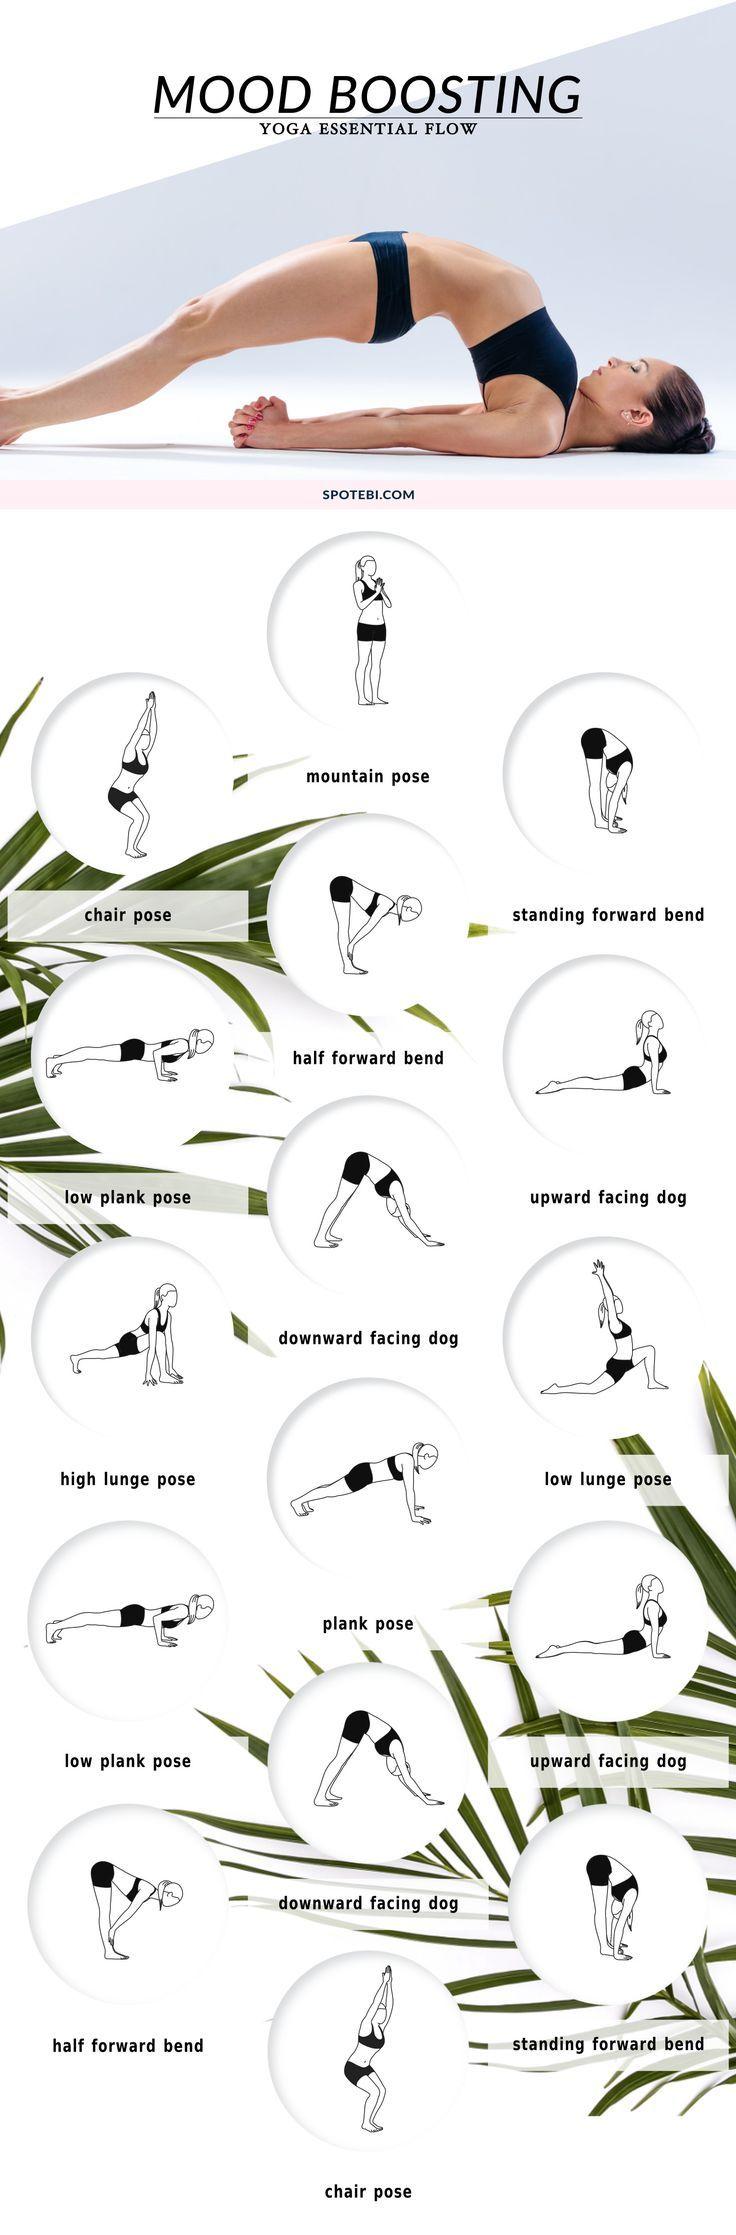 awesome Yoga Essential Flow   Mood Boosting